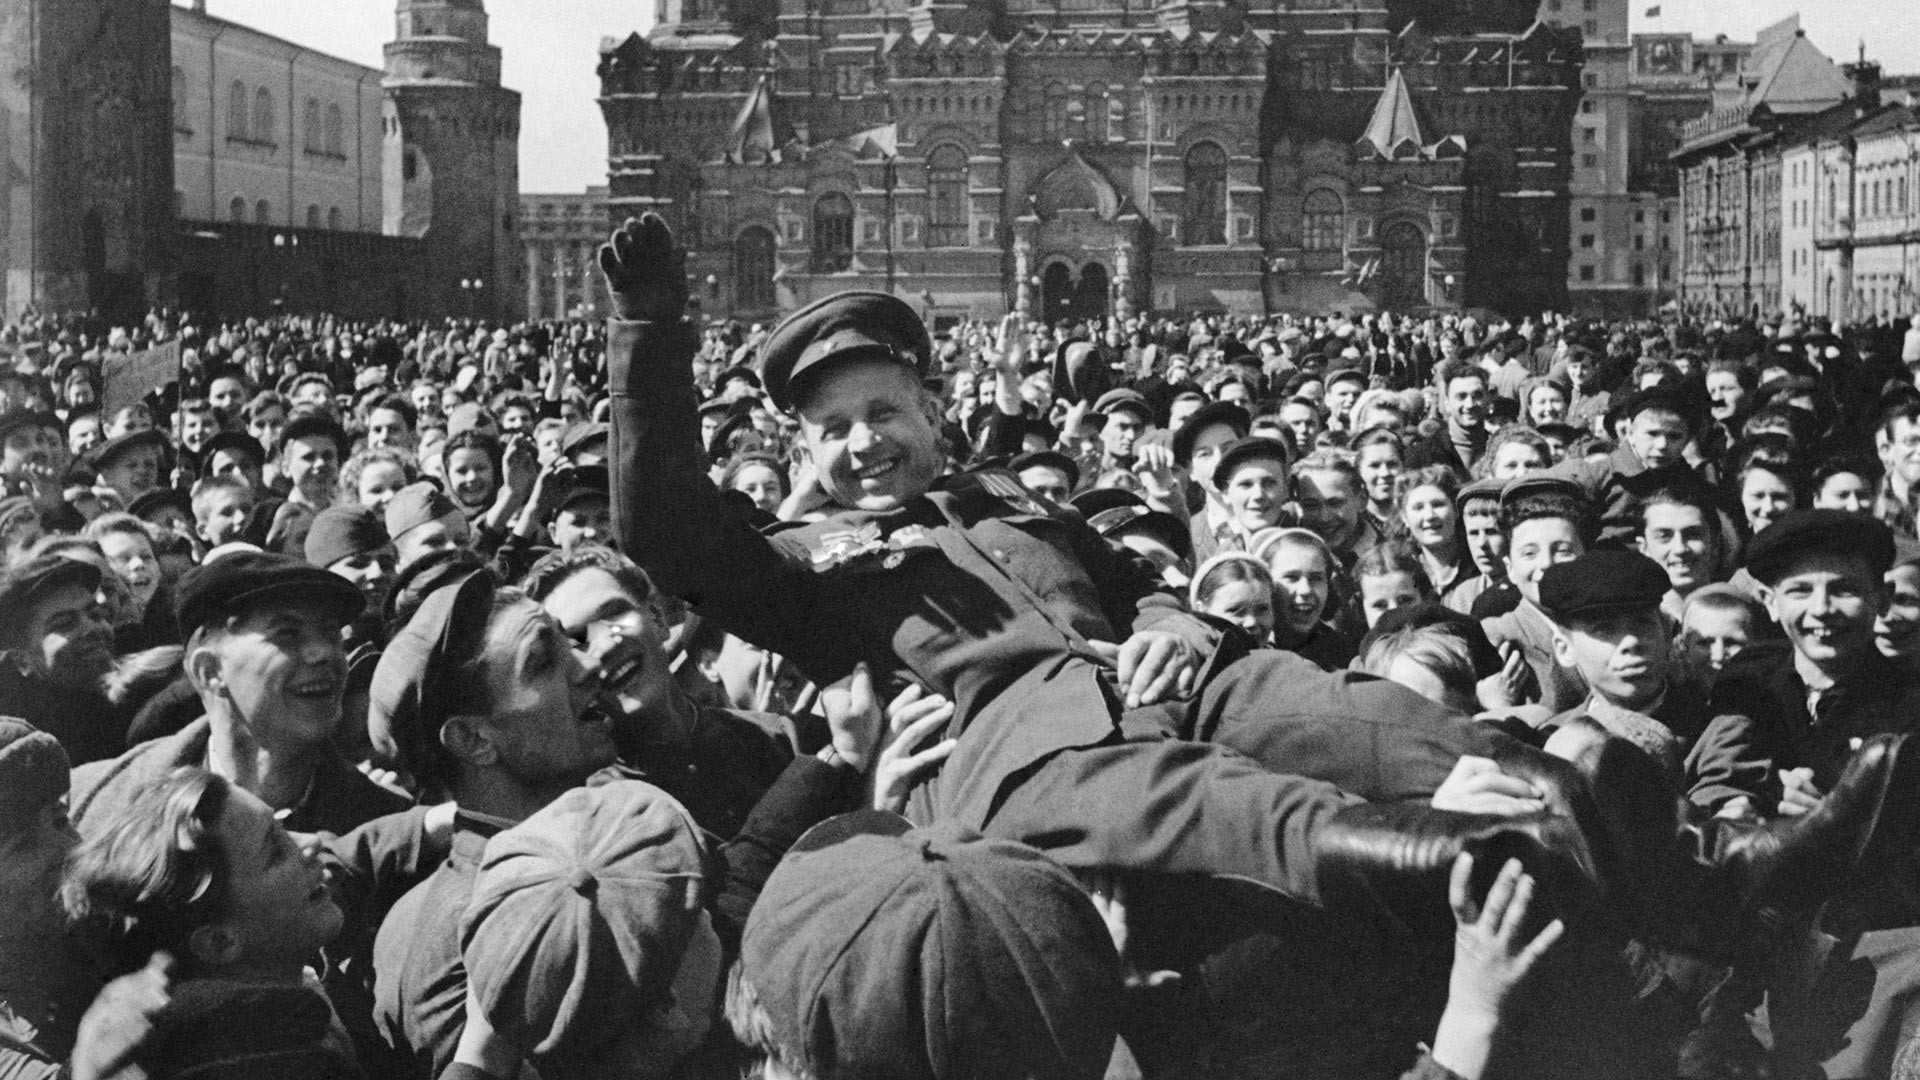 Célébration du jour de la Victoire sur la place Rouge